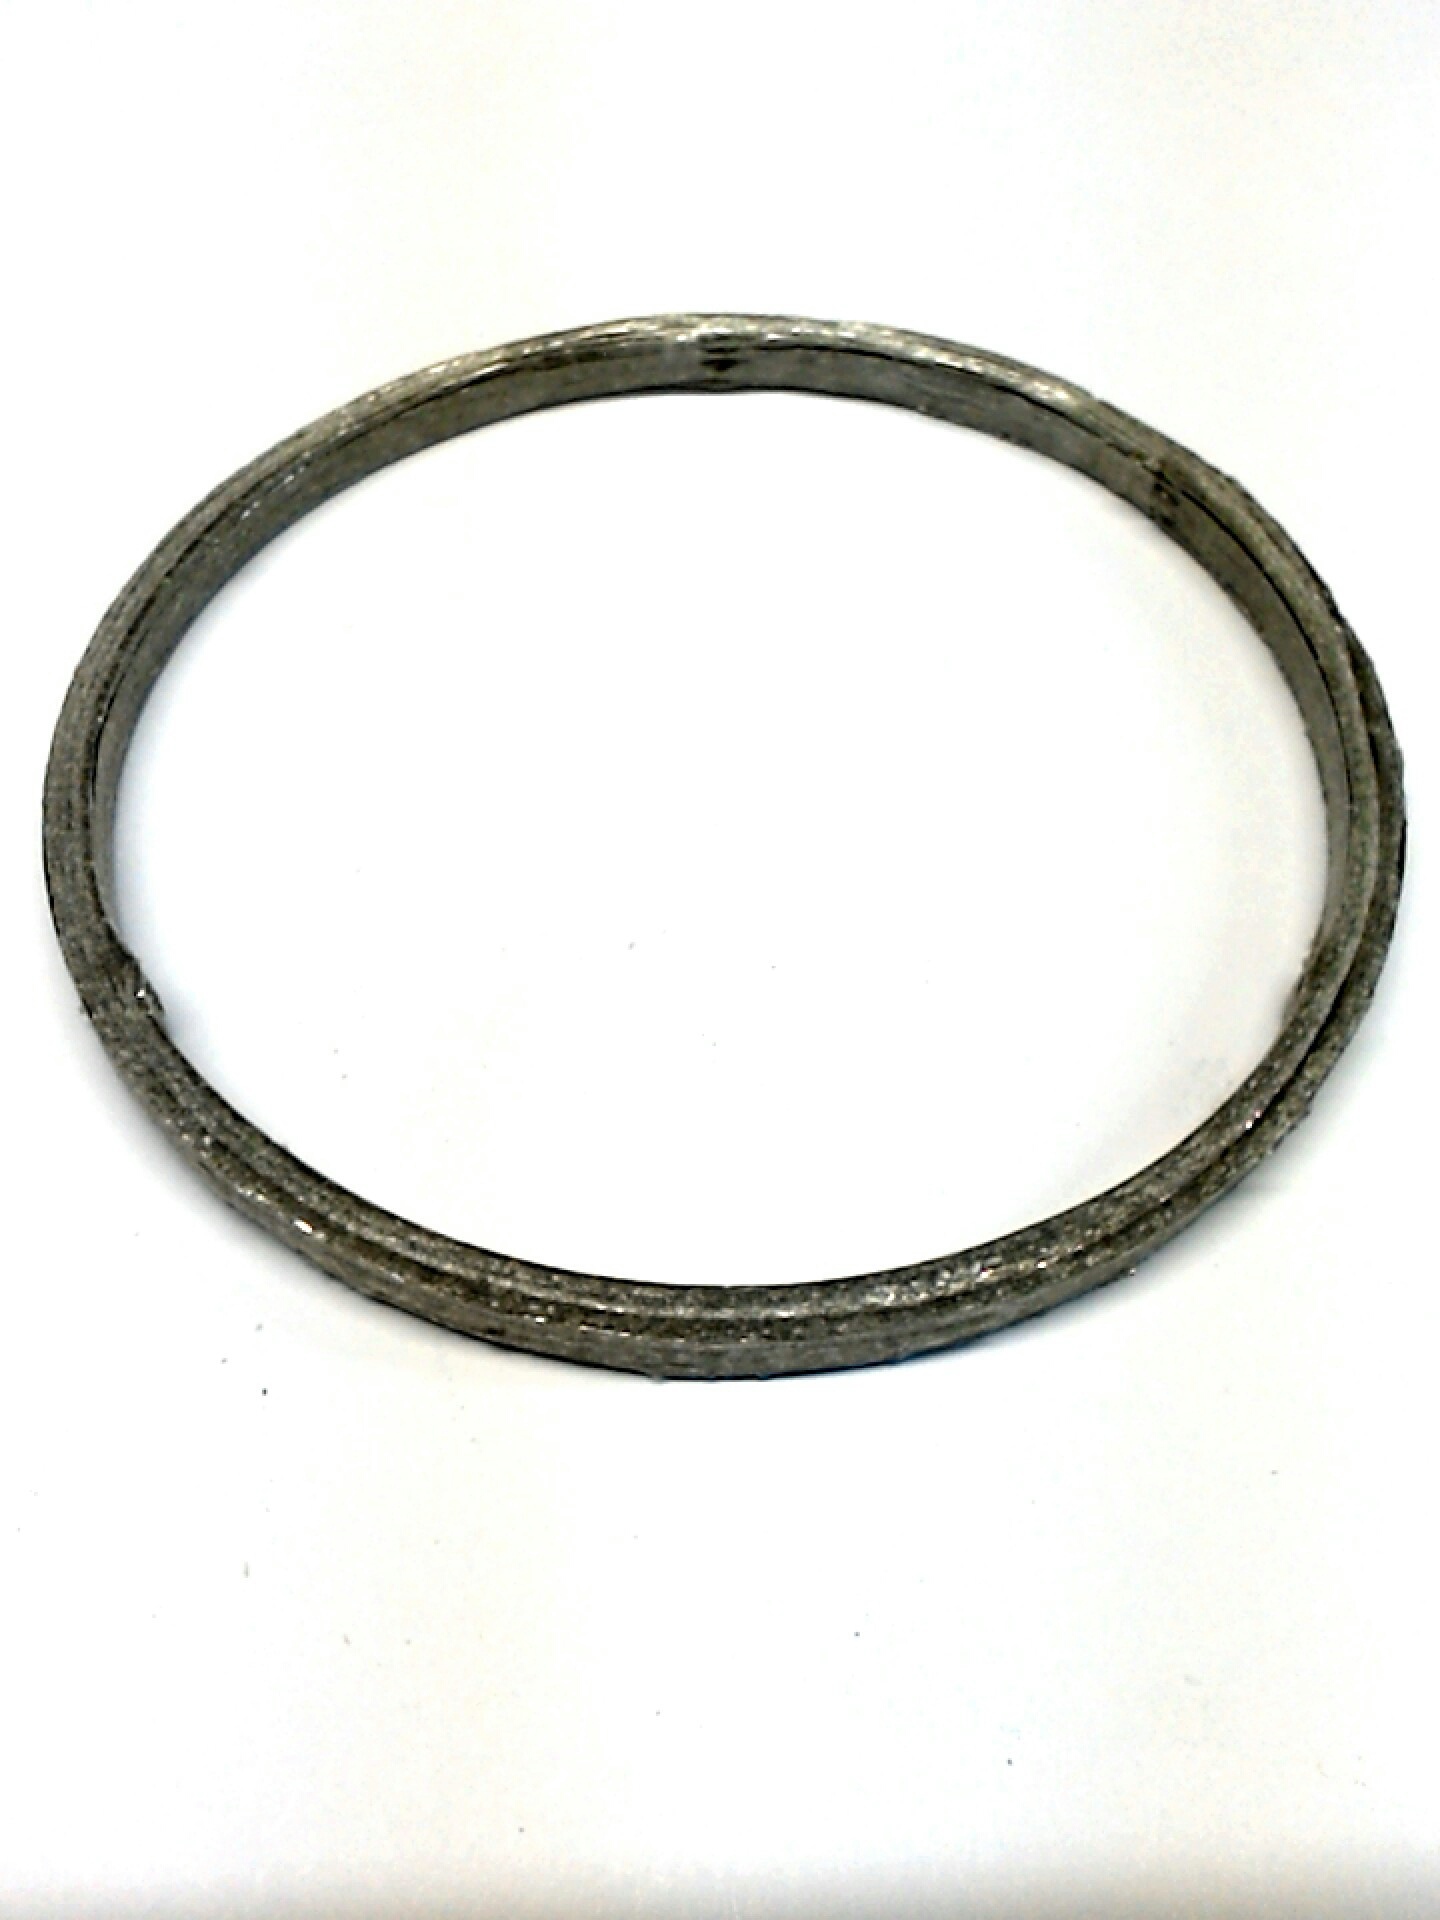 Bmw X3 Gasket Ring 18307581970 Bmw Cincinnati Oh